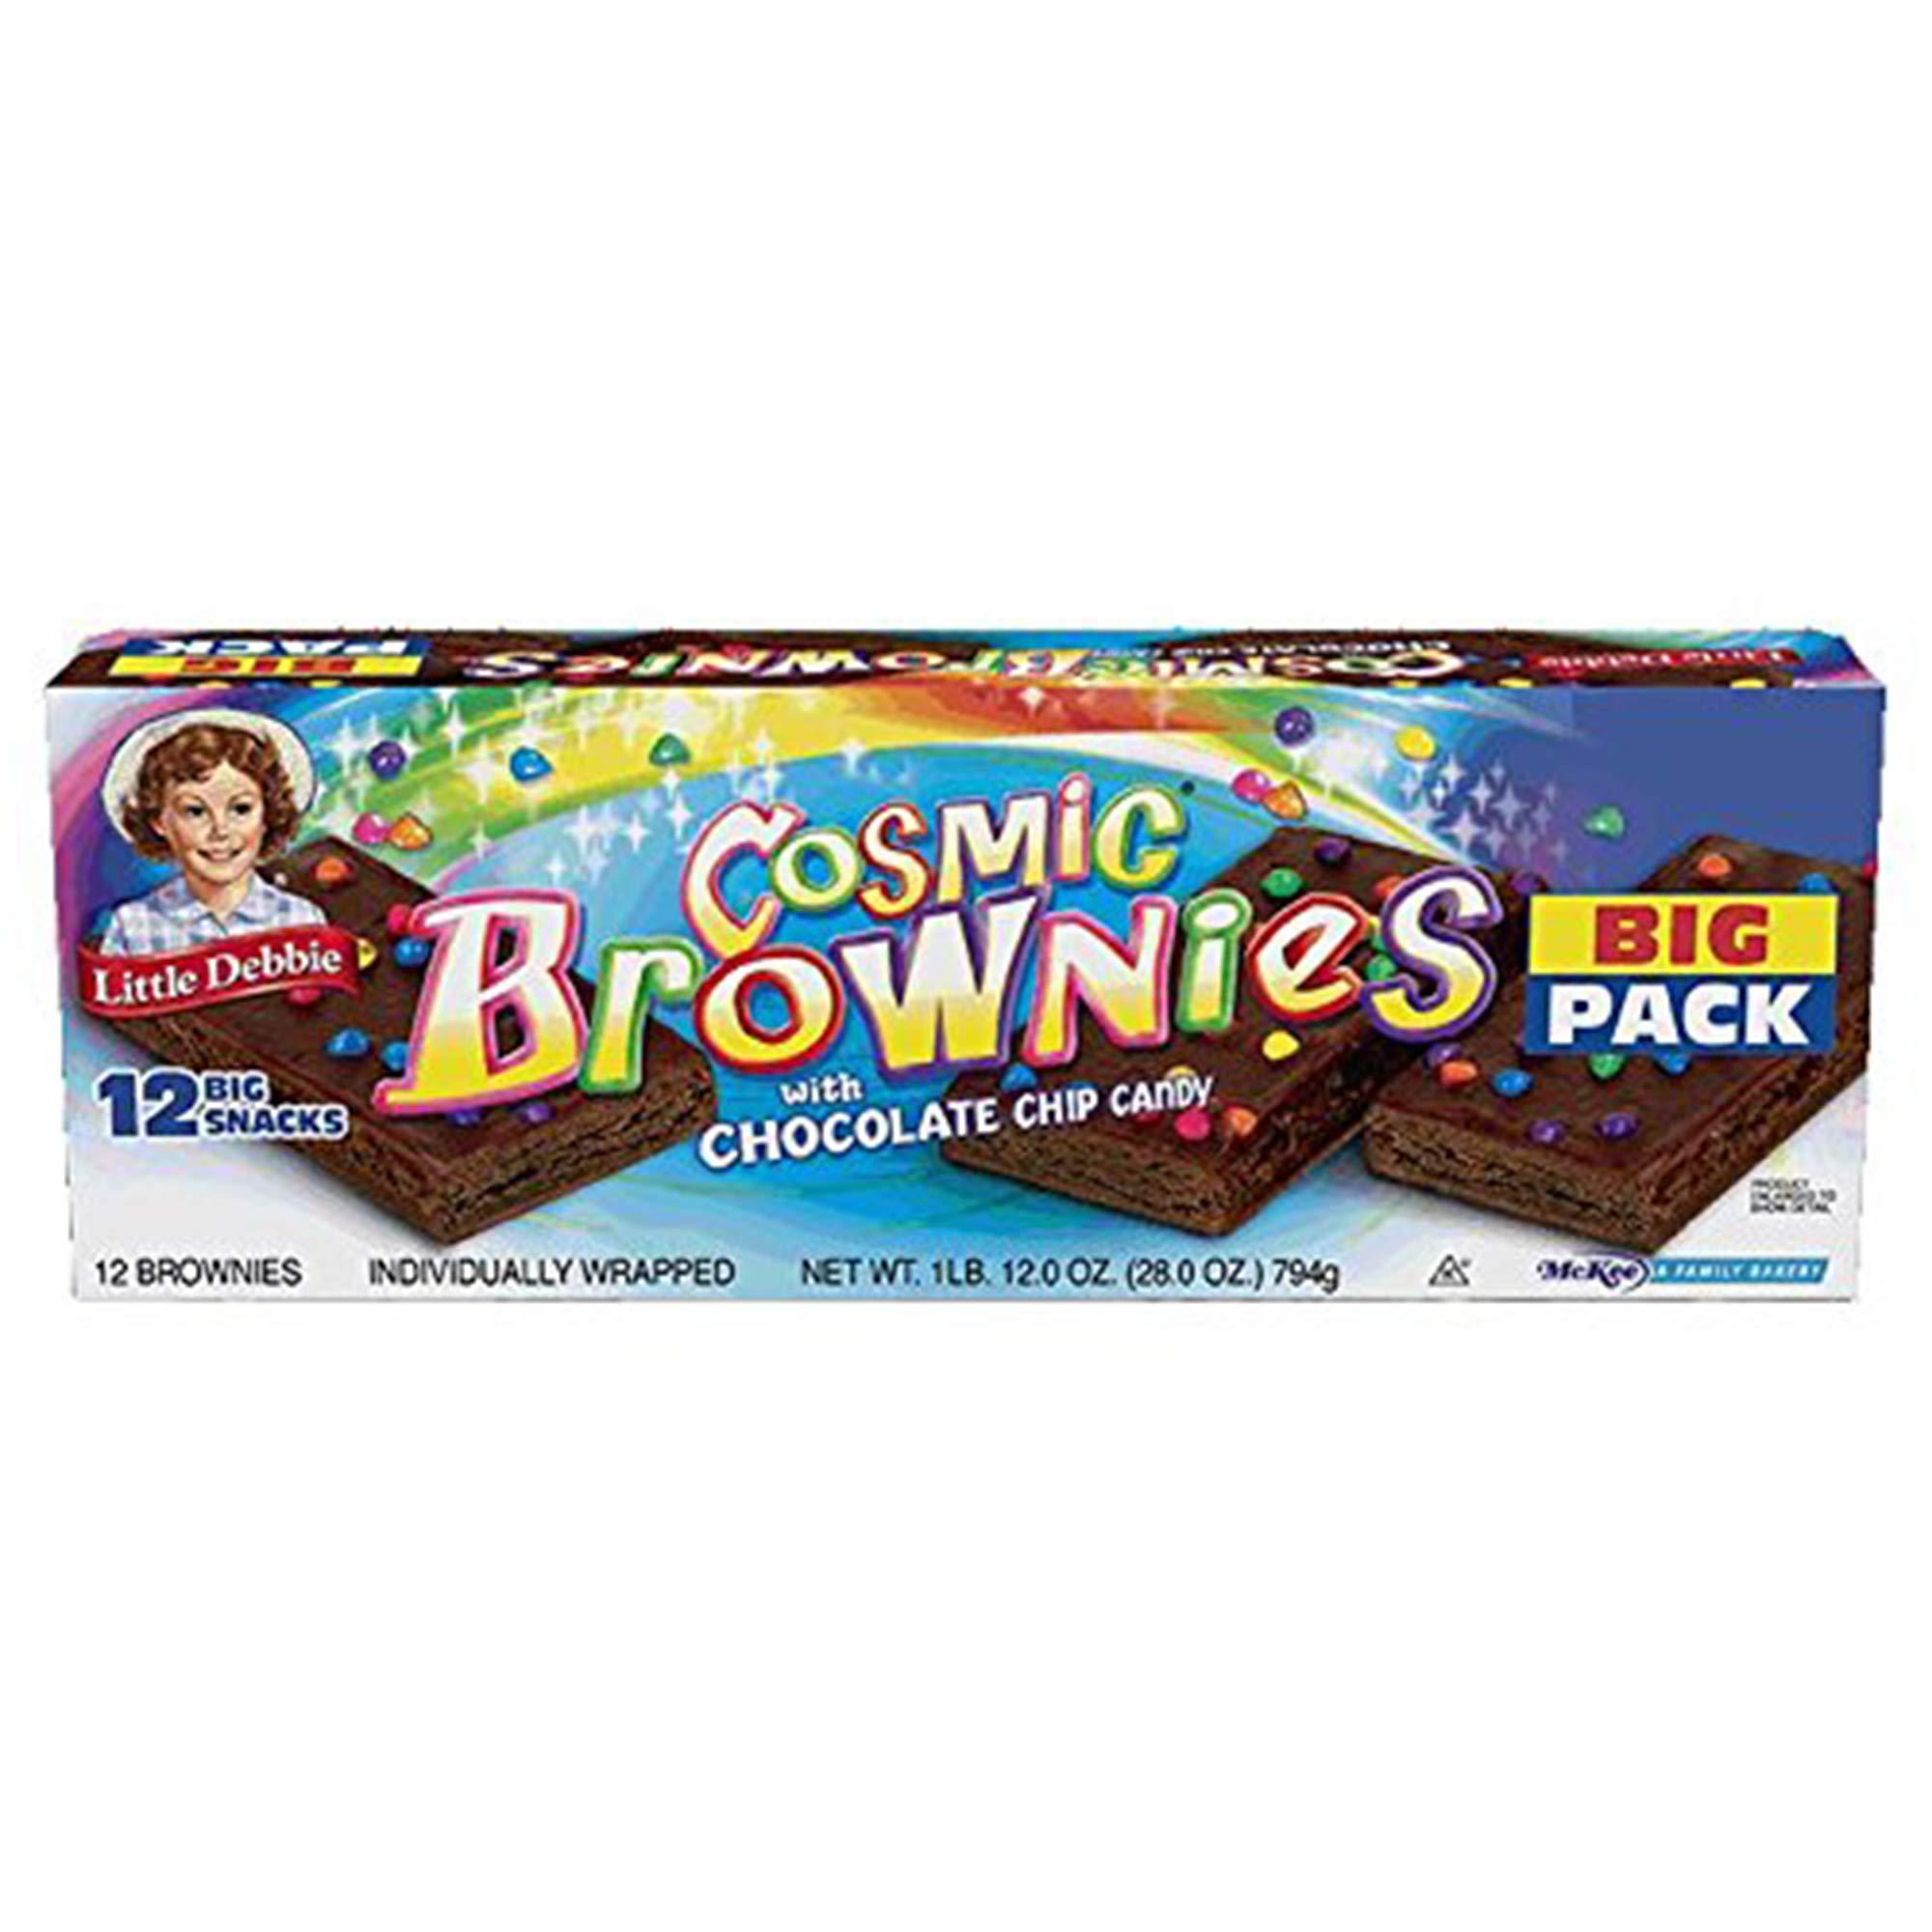 Little Debbie Cosmic Brownies Big Pack 28 Oz (3 Boxes) by Little Debbie